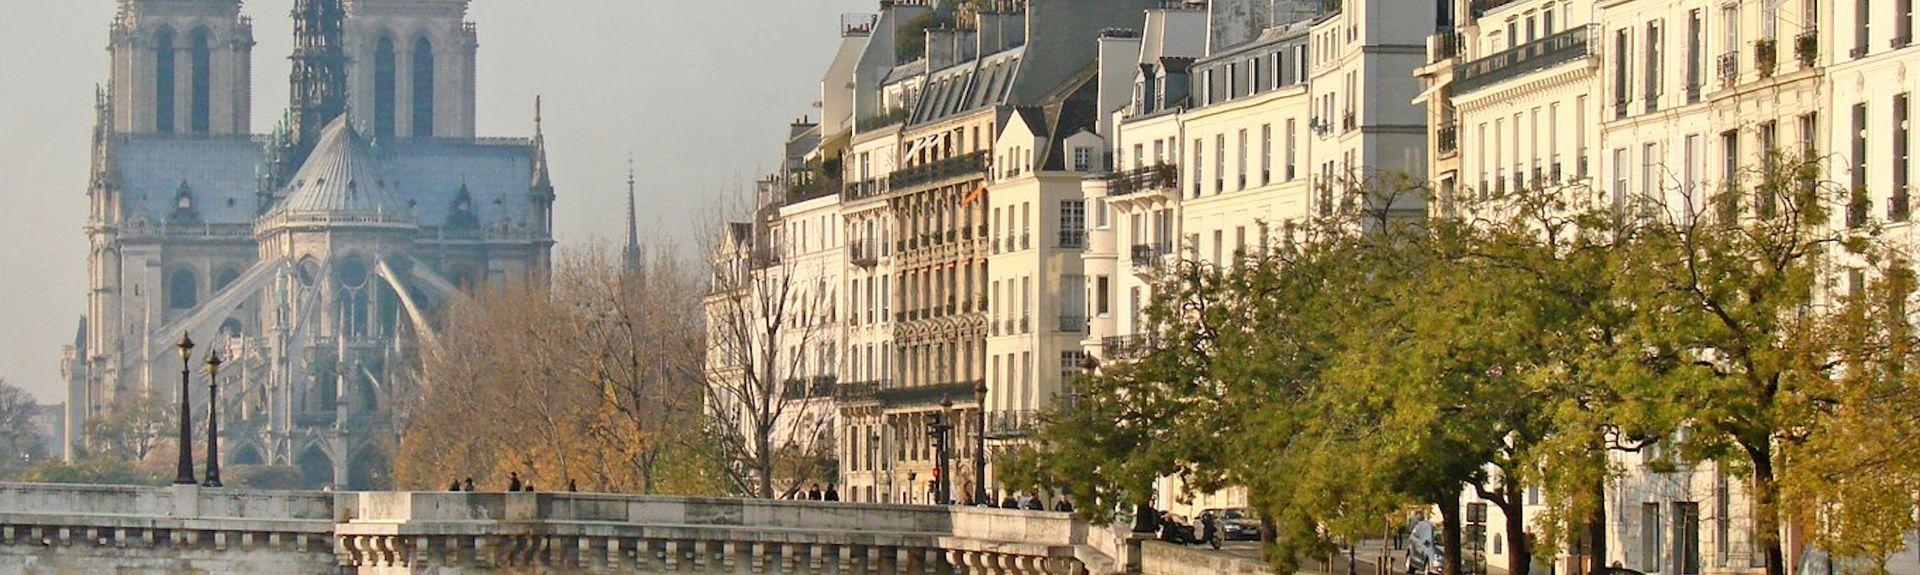 Plaisance, Paris, Île-de-France, France